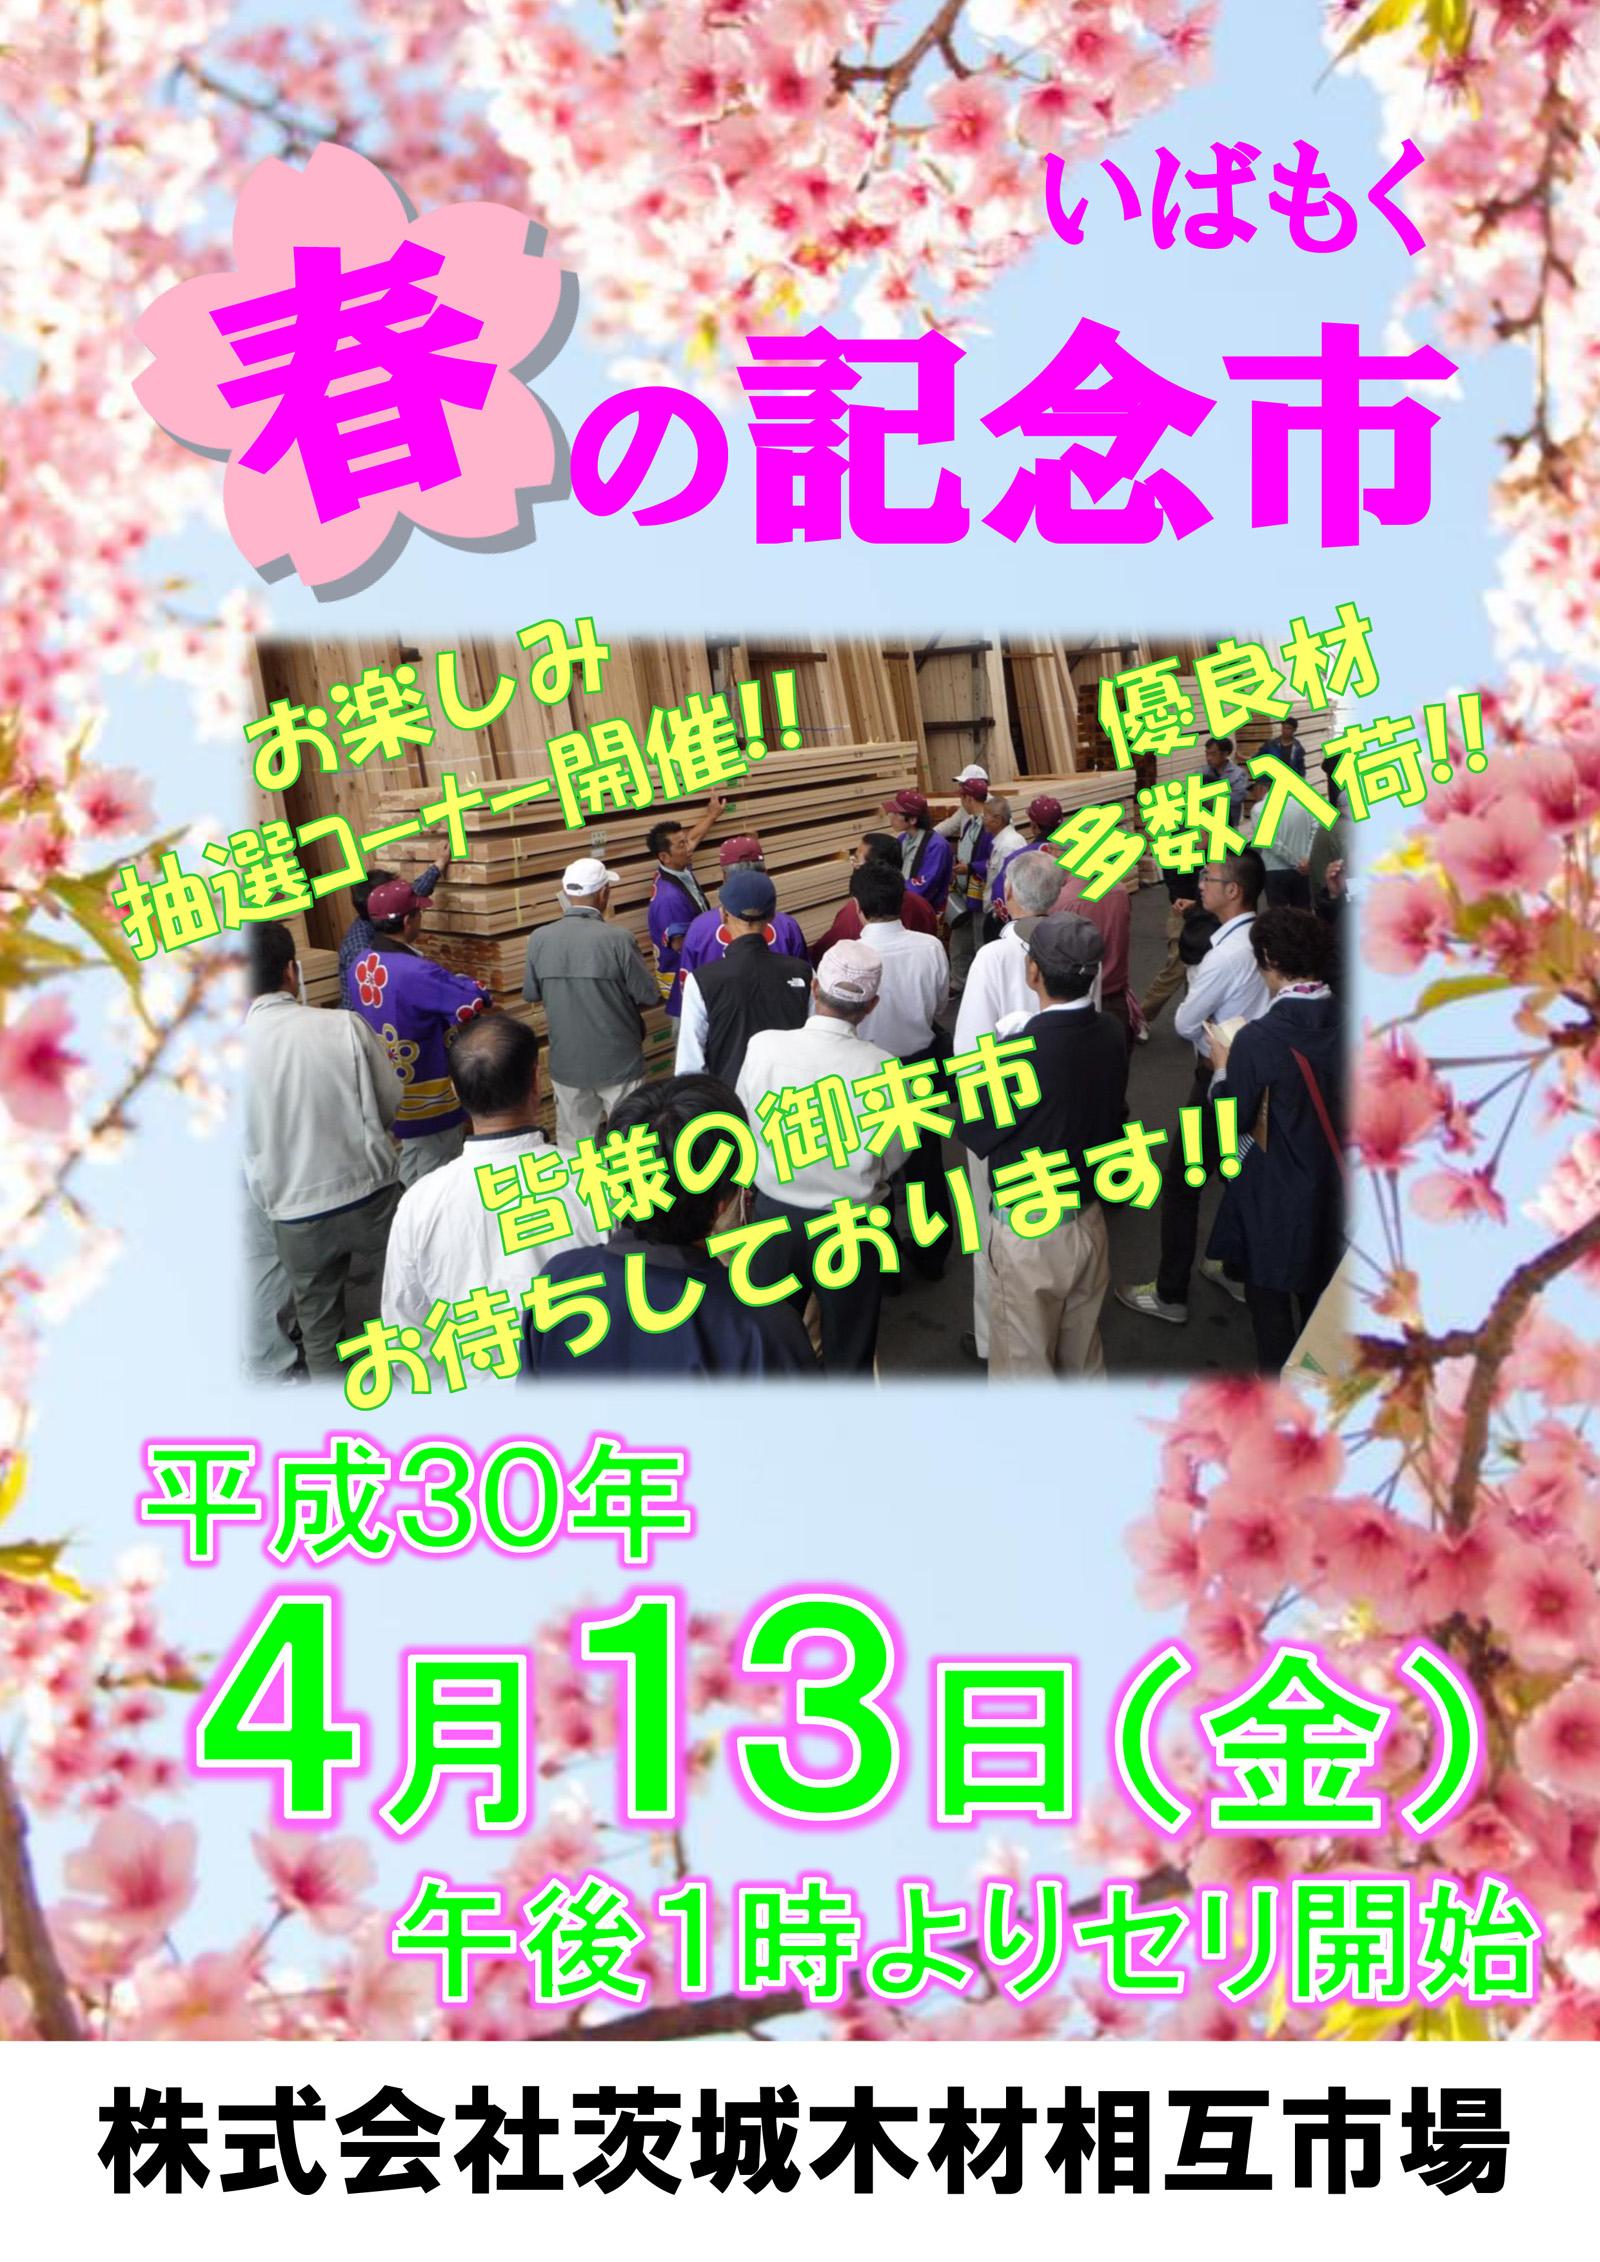 次回の記念市「春の記念市」のお知らせ